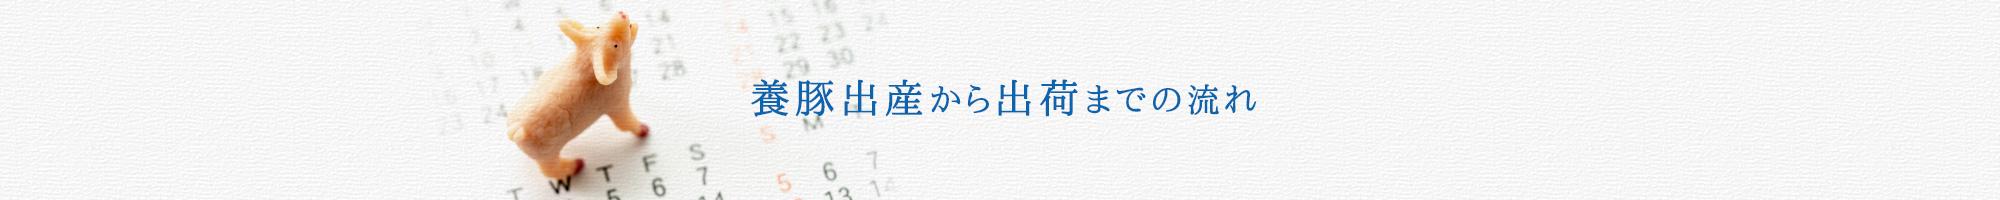 clender_image001